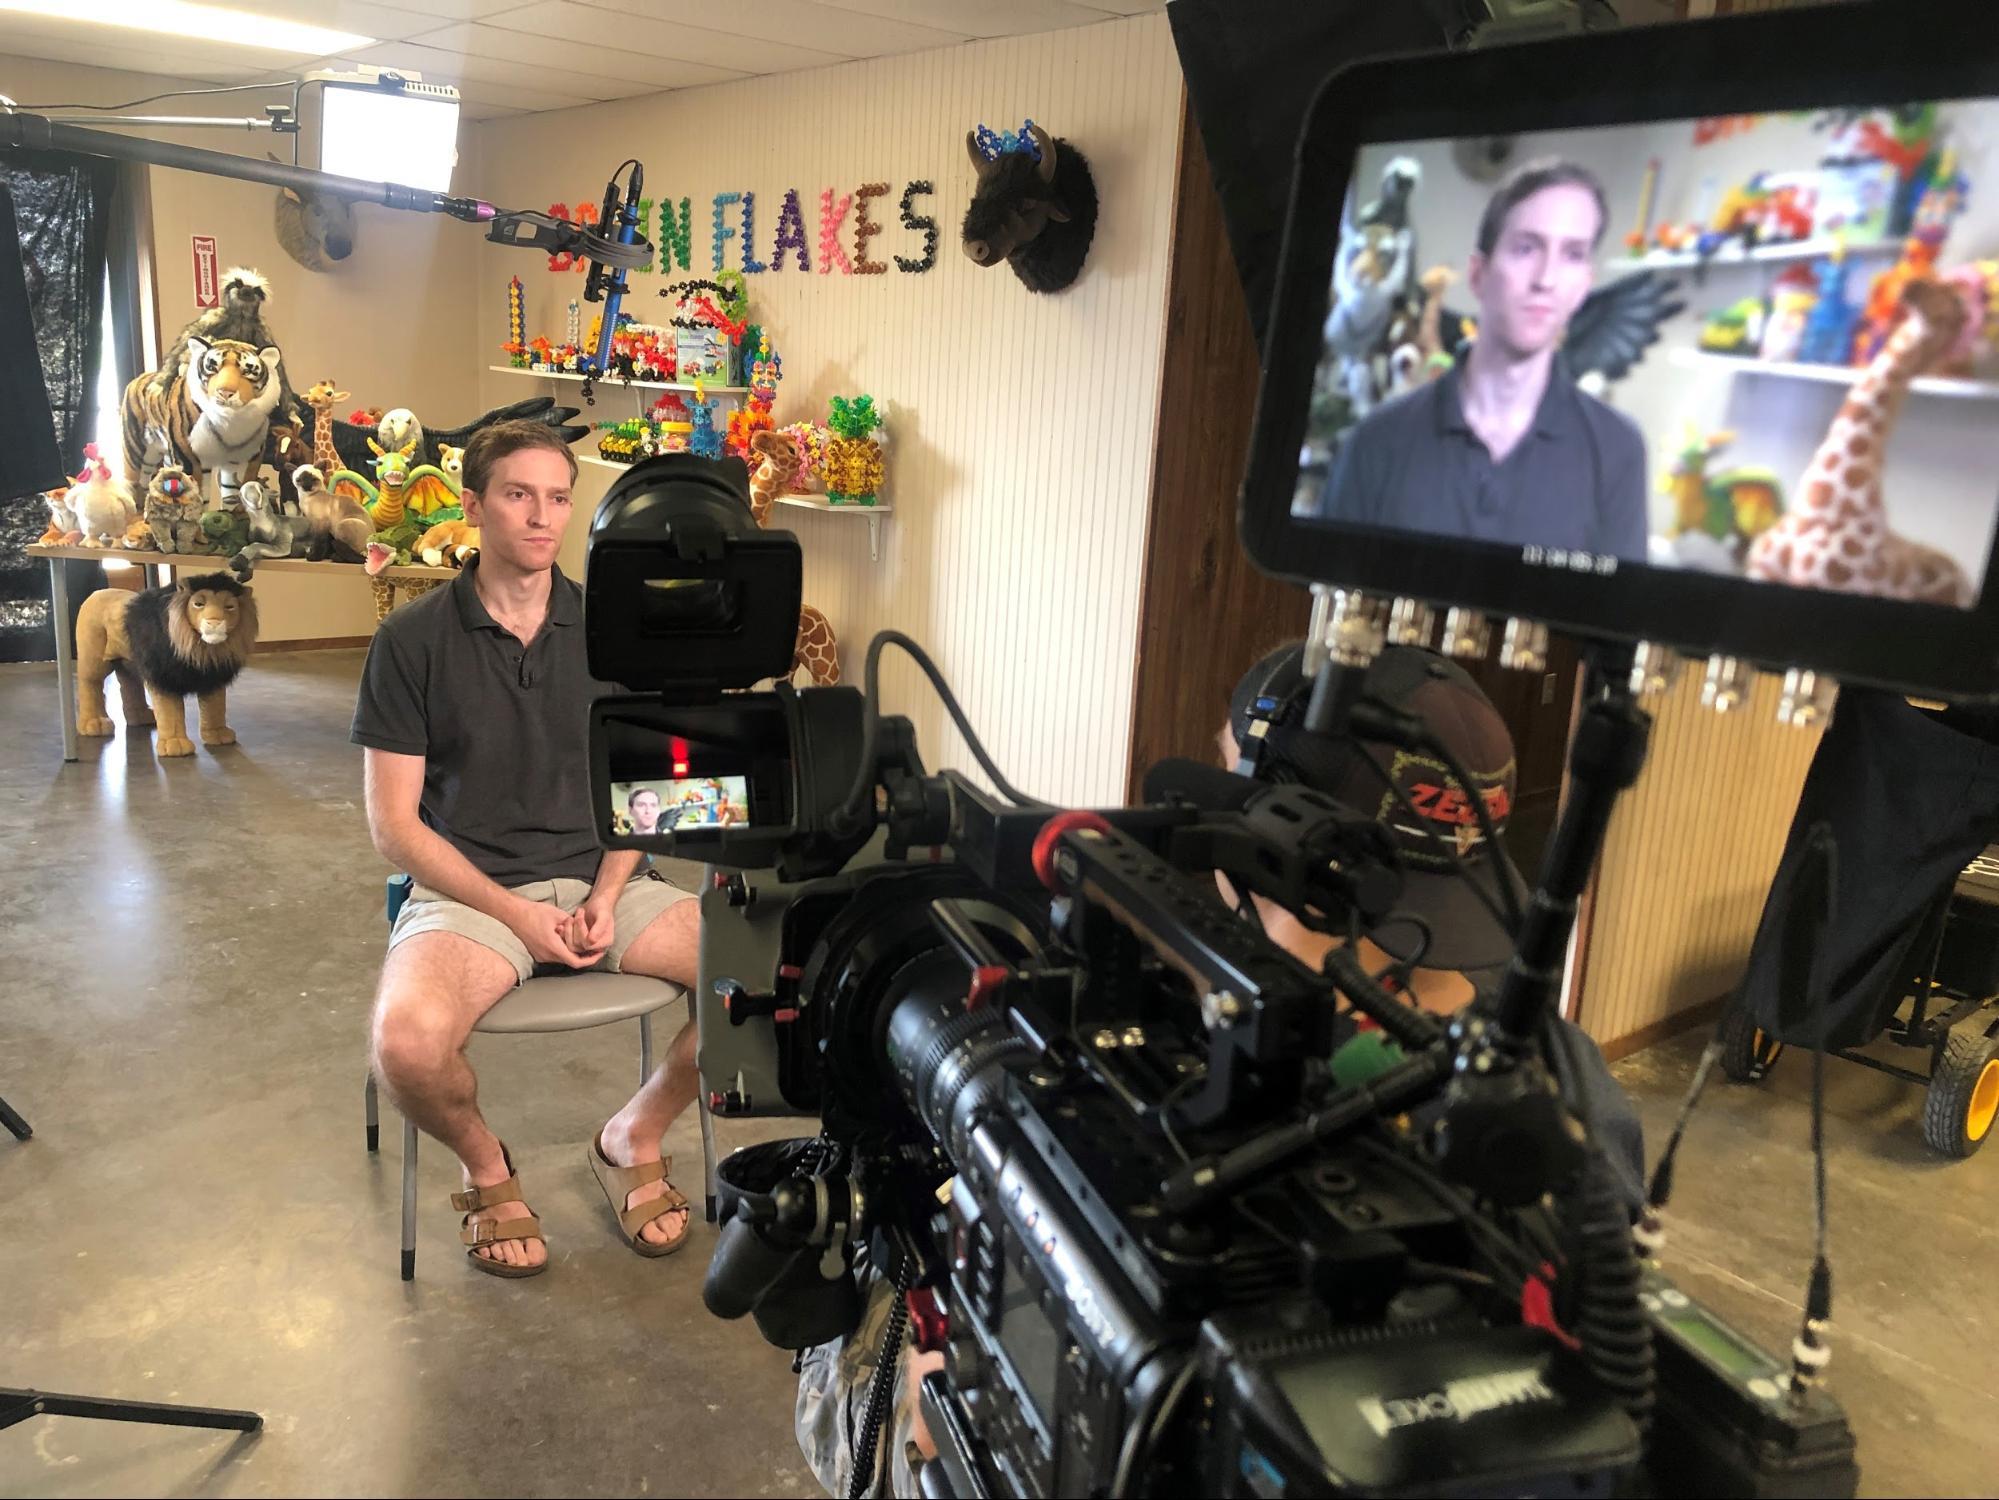 image29 Go To Team Waco Crew | CNBC | VIAHART